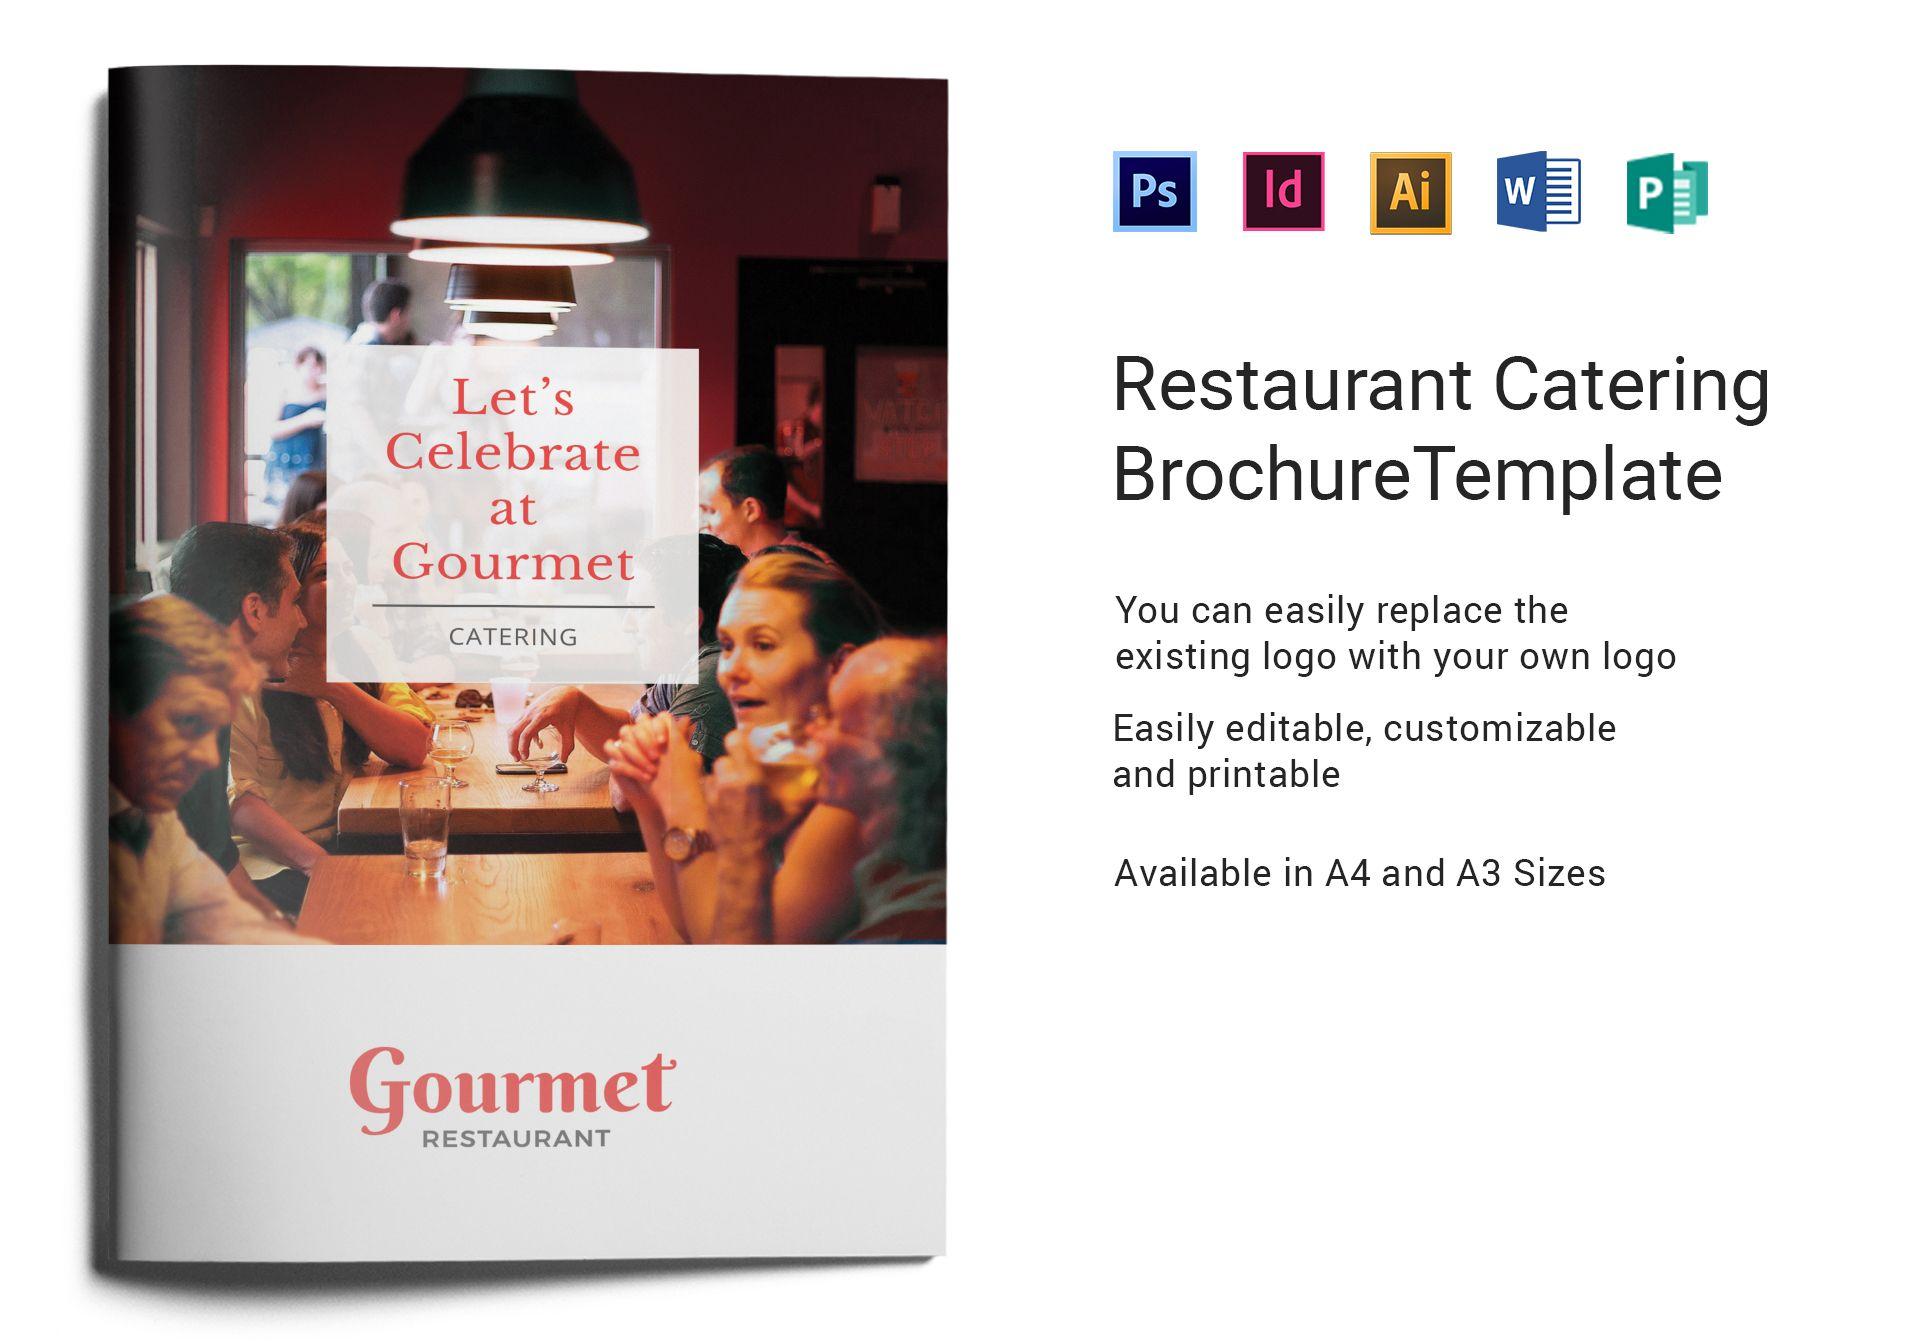 Restaurant Catering Brochure